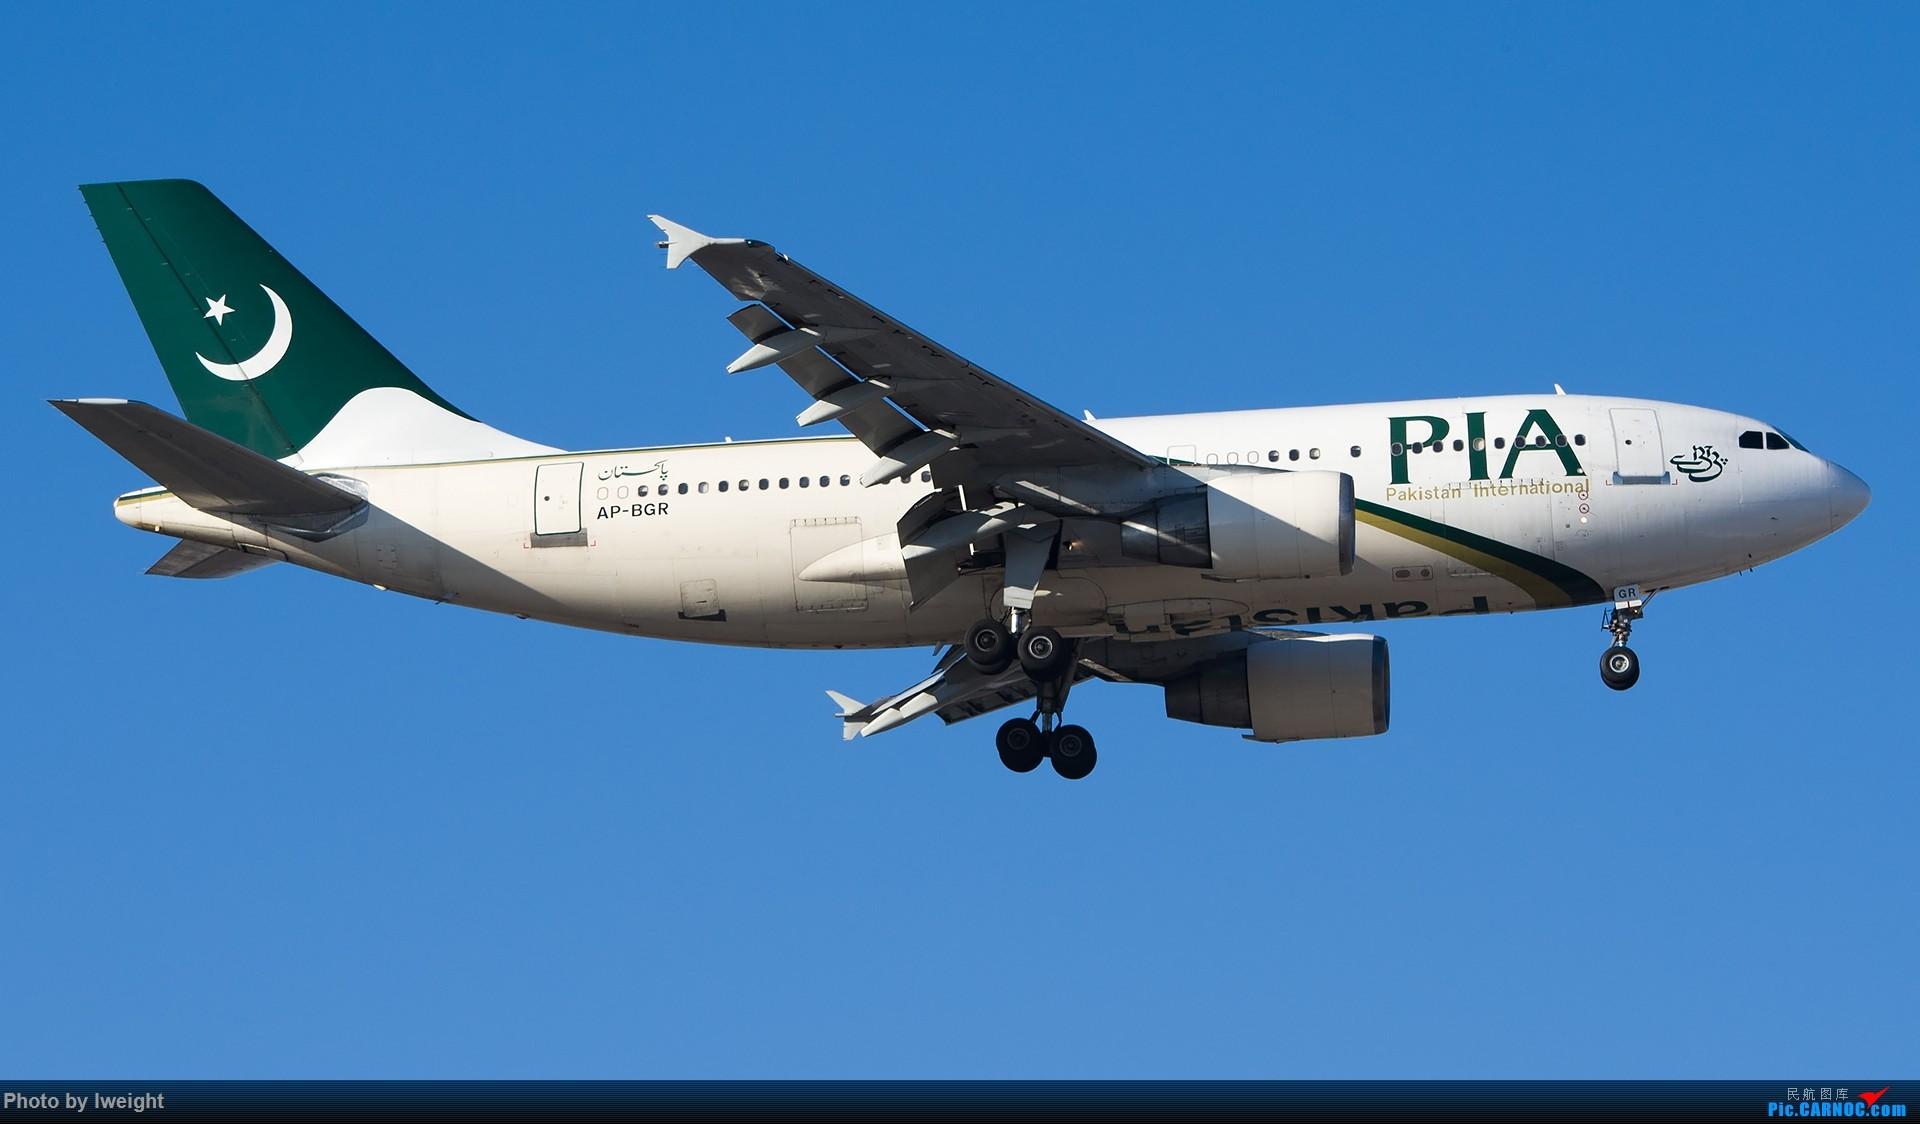 Re:[原创]又见蓝月亮 AIRBUS A310 AP-BGR 中国北京首都国际机场